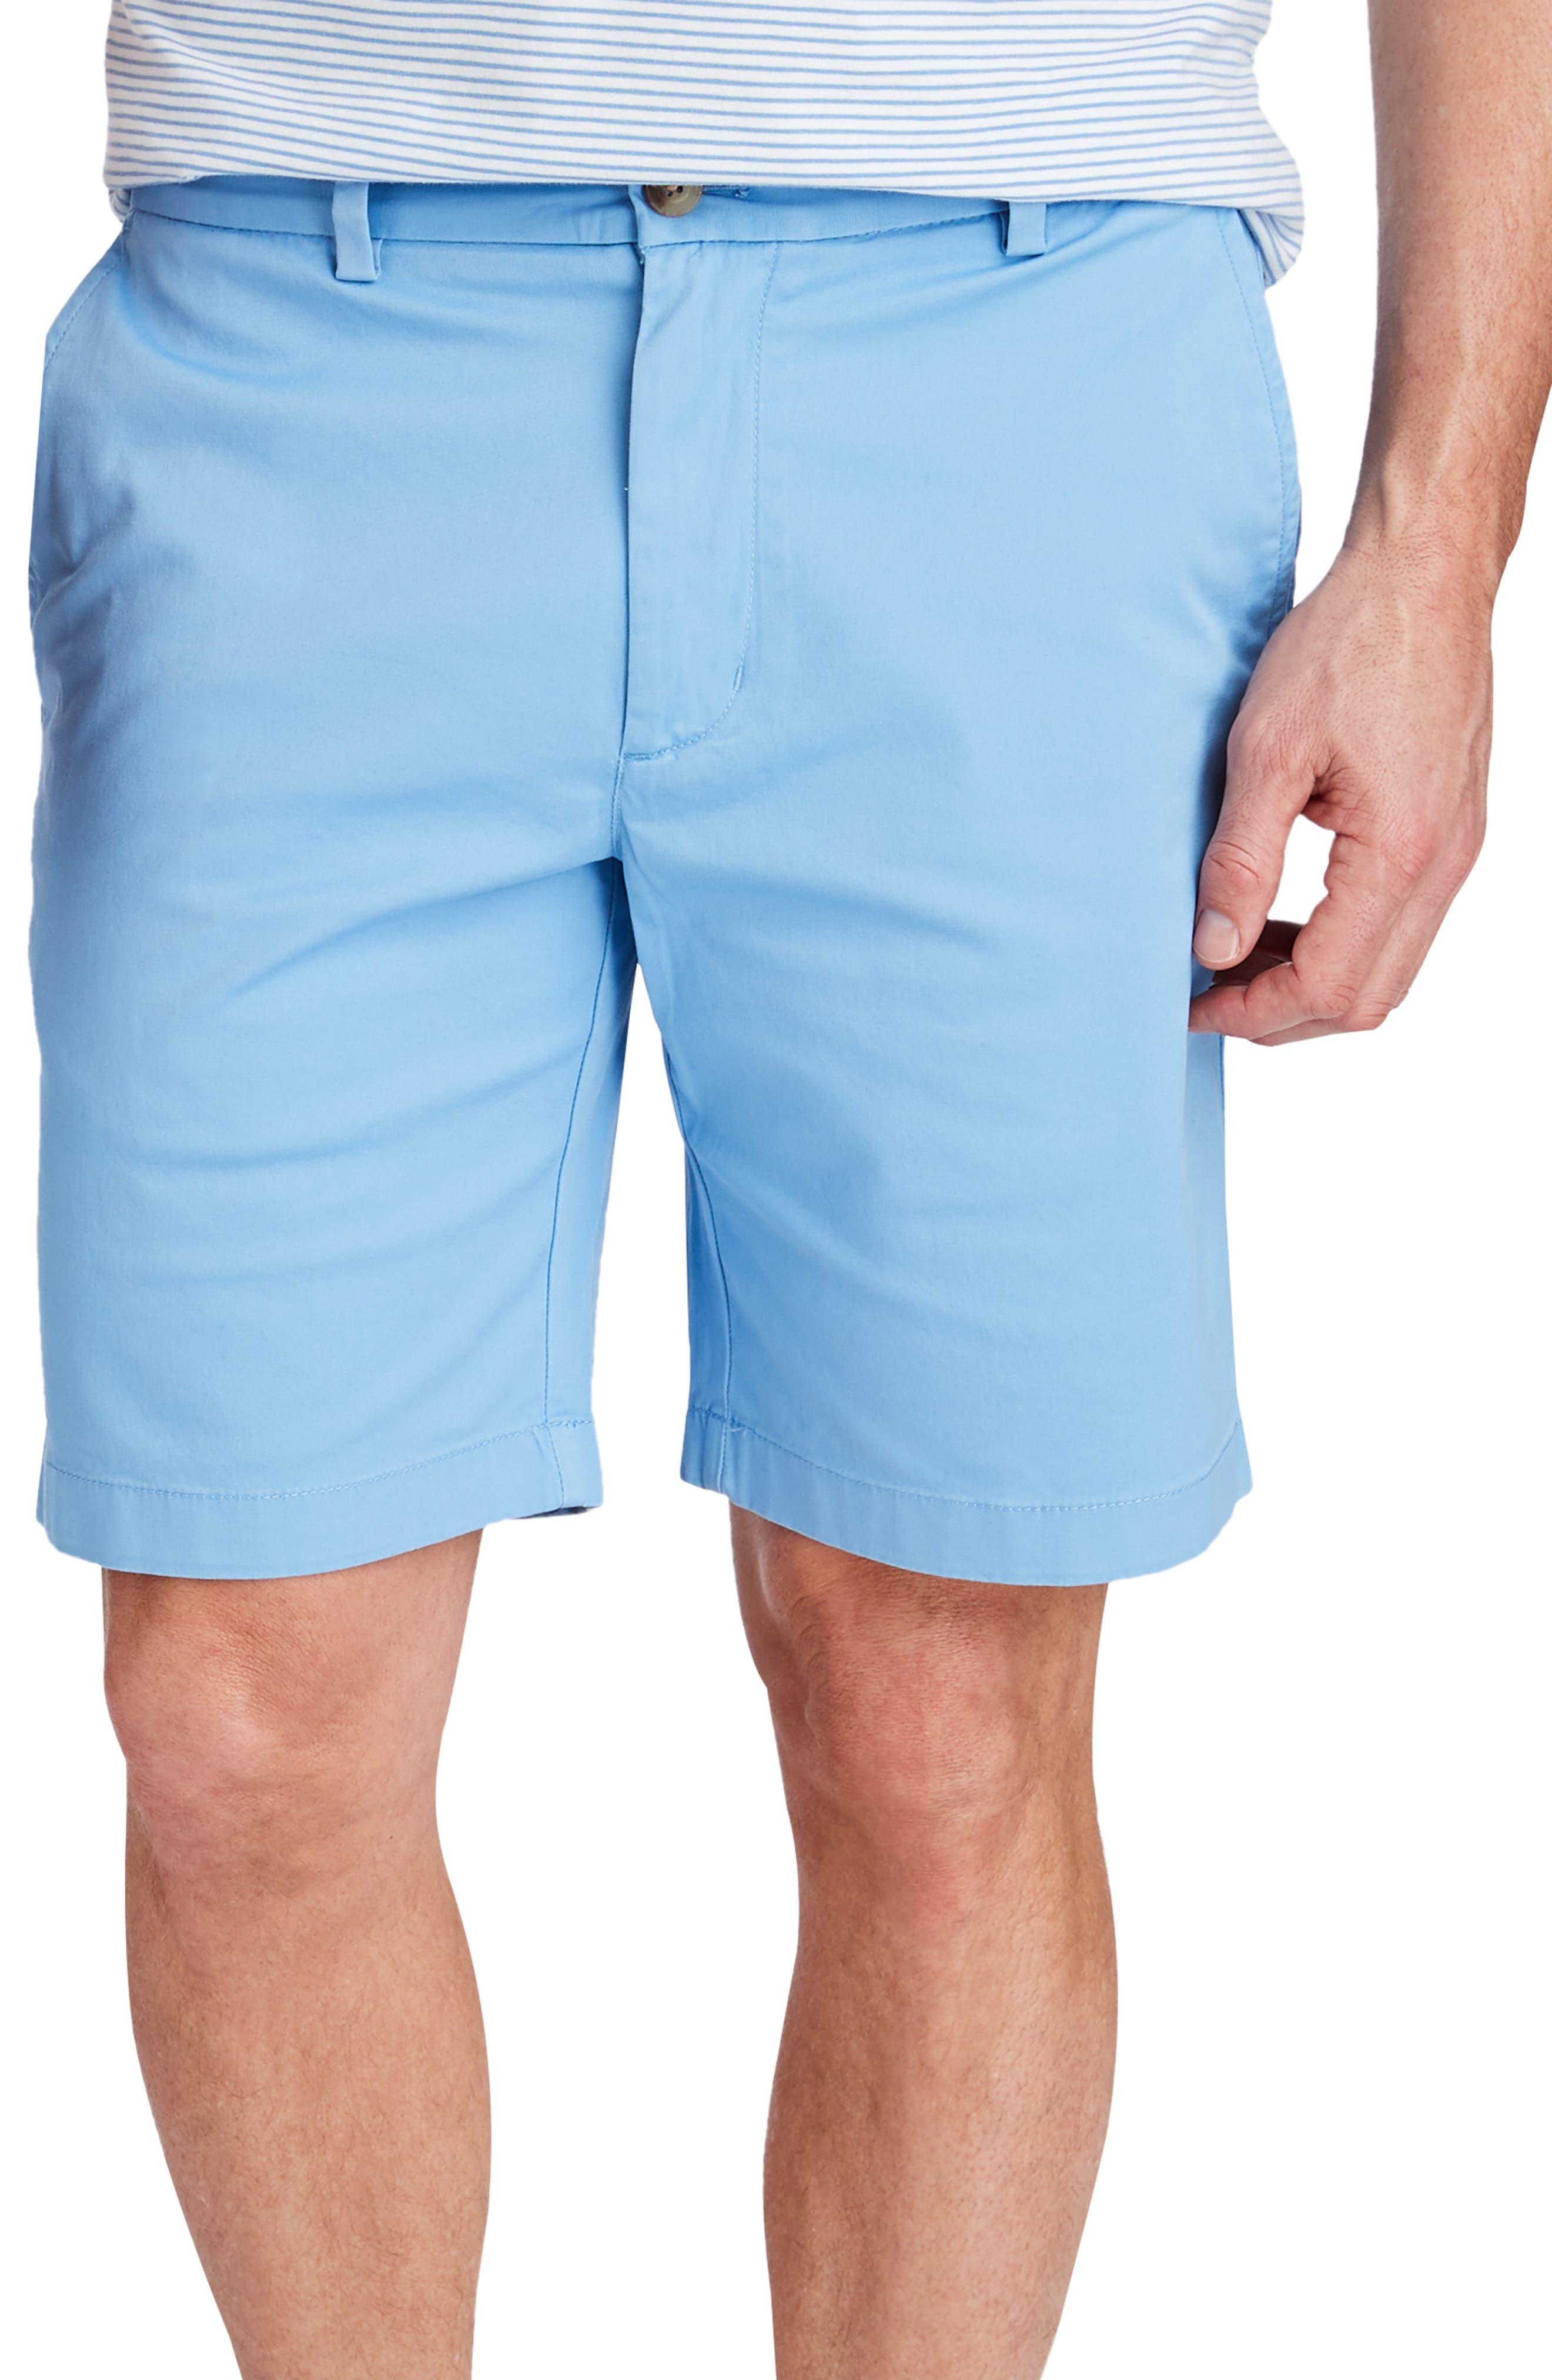 Vineyard Vines Shorts 9 Inch Stretch Breaker Shorts